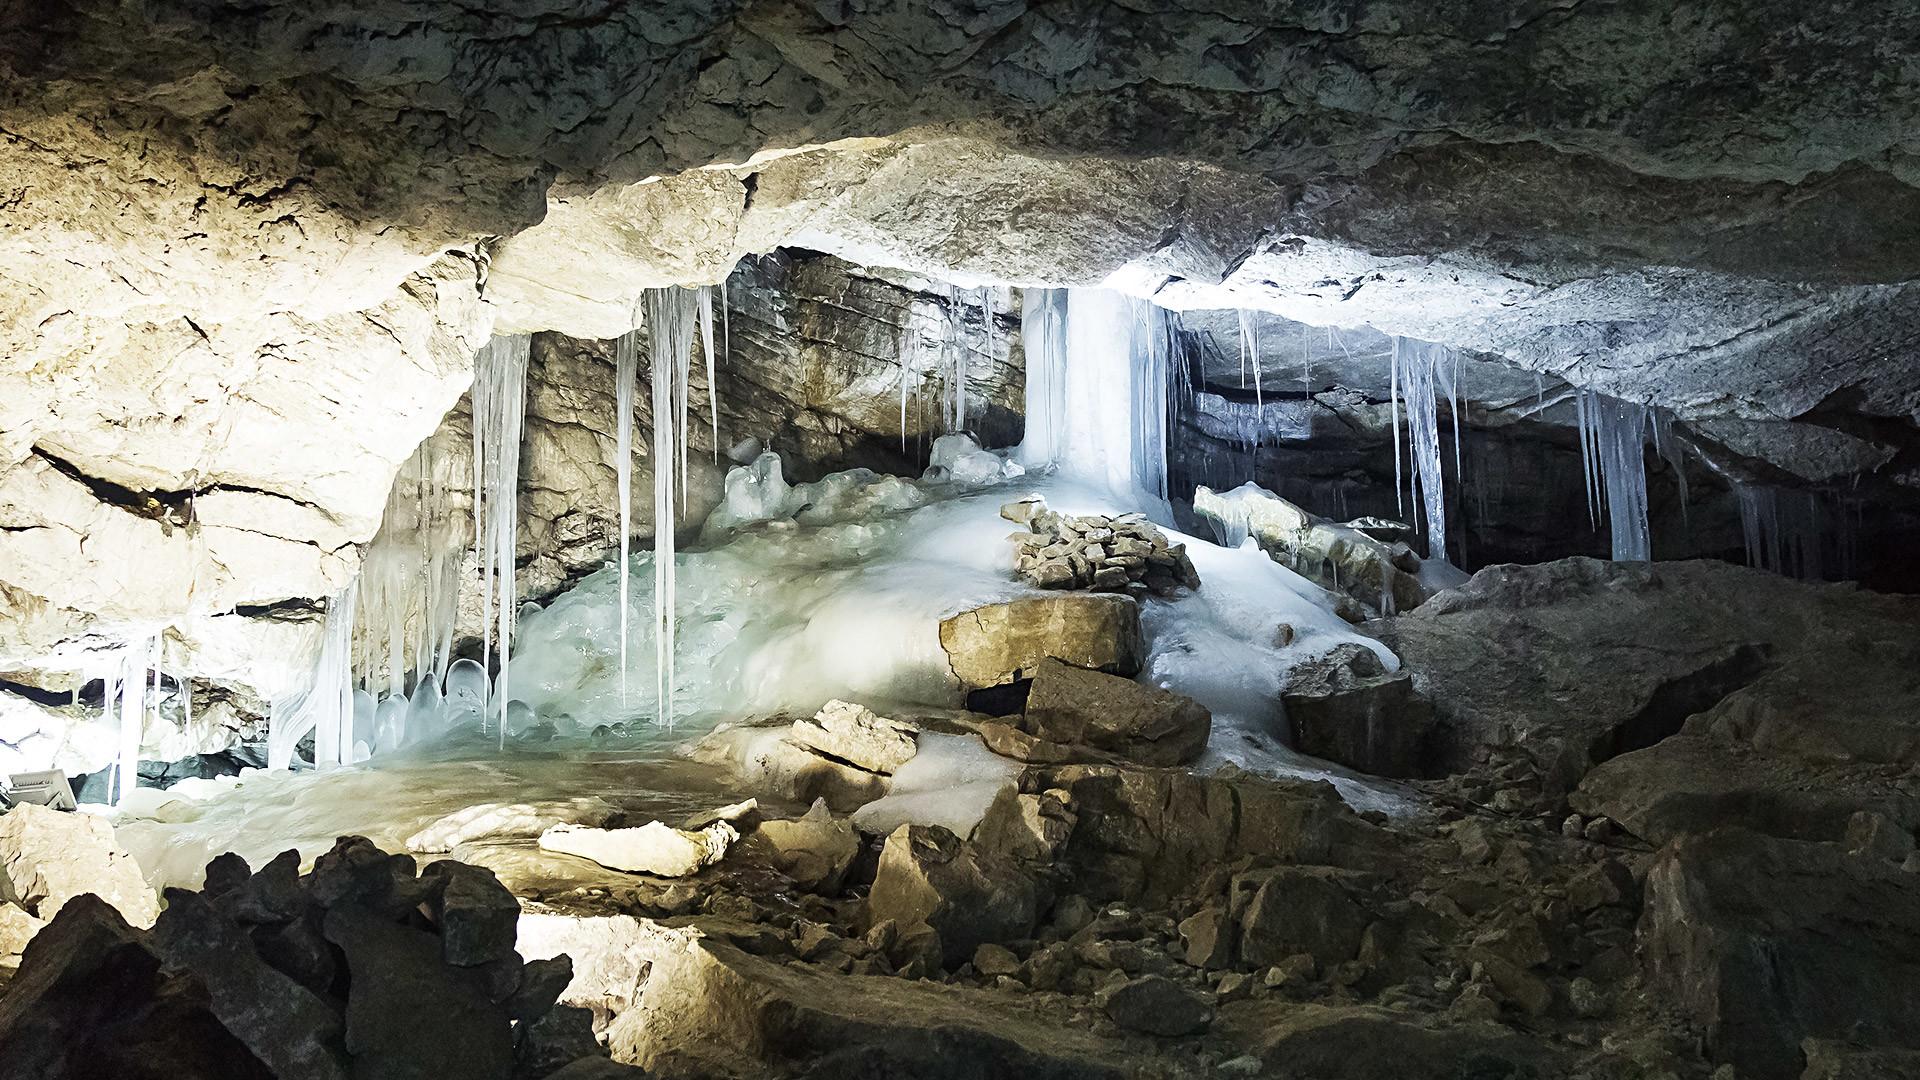 Riesige Stalaktiten hängen über den Köpfen, uralte Eisblöcke liegen im Raum verstreut. Dazwischen erstrecken sich scheinbar bodenlose Seen. Die Kungur-Eishöhle in den Bergen des Mittel-Urals ist ein 40 Meter langer Permafrost-Tunnel und teilweise um die 300 Jahre alt.